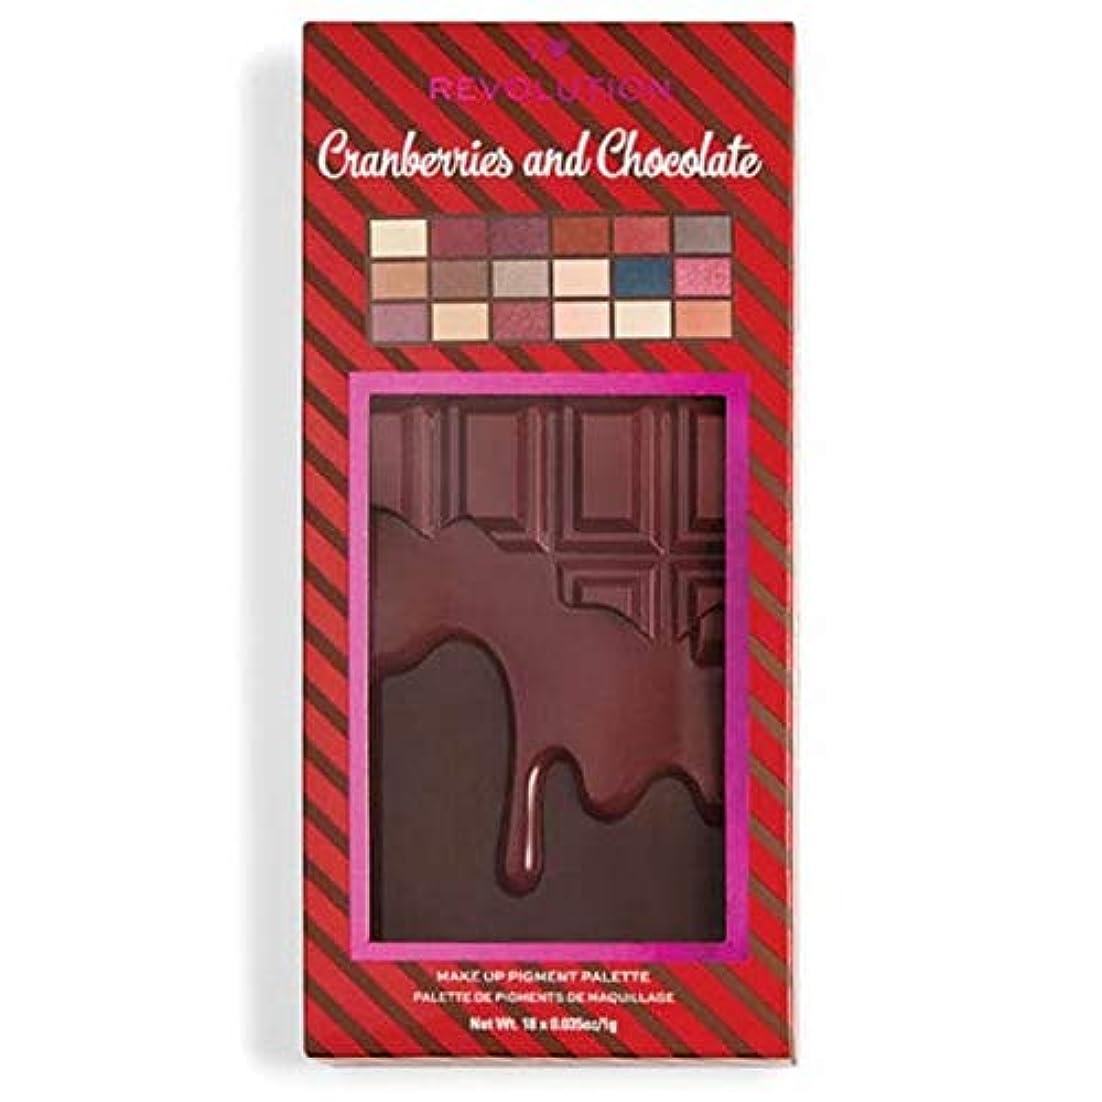 祈り社会主義者守銭奴[I Heart Revolution ] 私の心の革命クランベリー&チョコレートパレット - I Heart Revolution Cranberries & Chocolate Palette [並行輸入品]